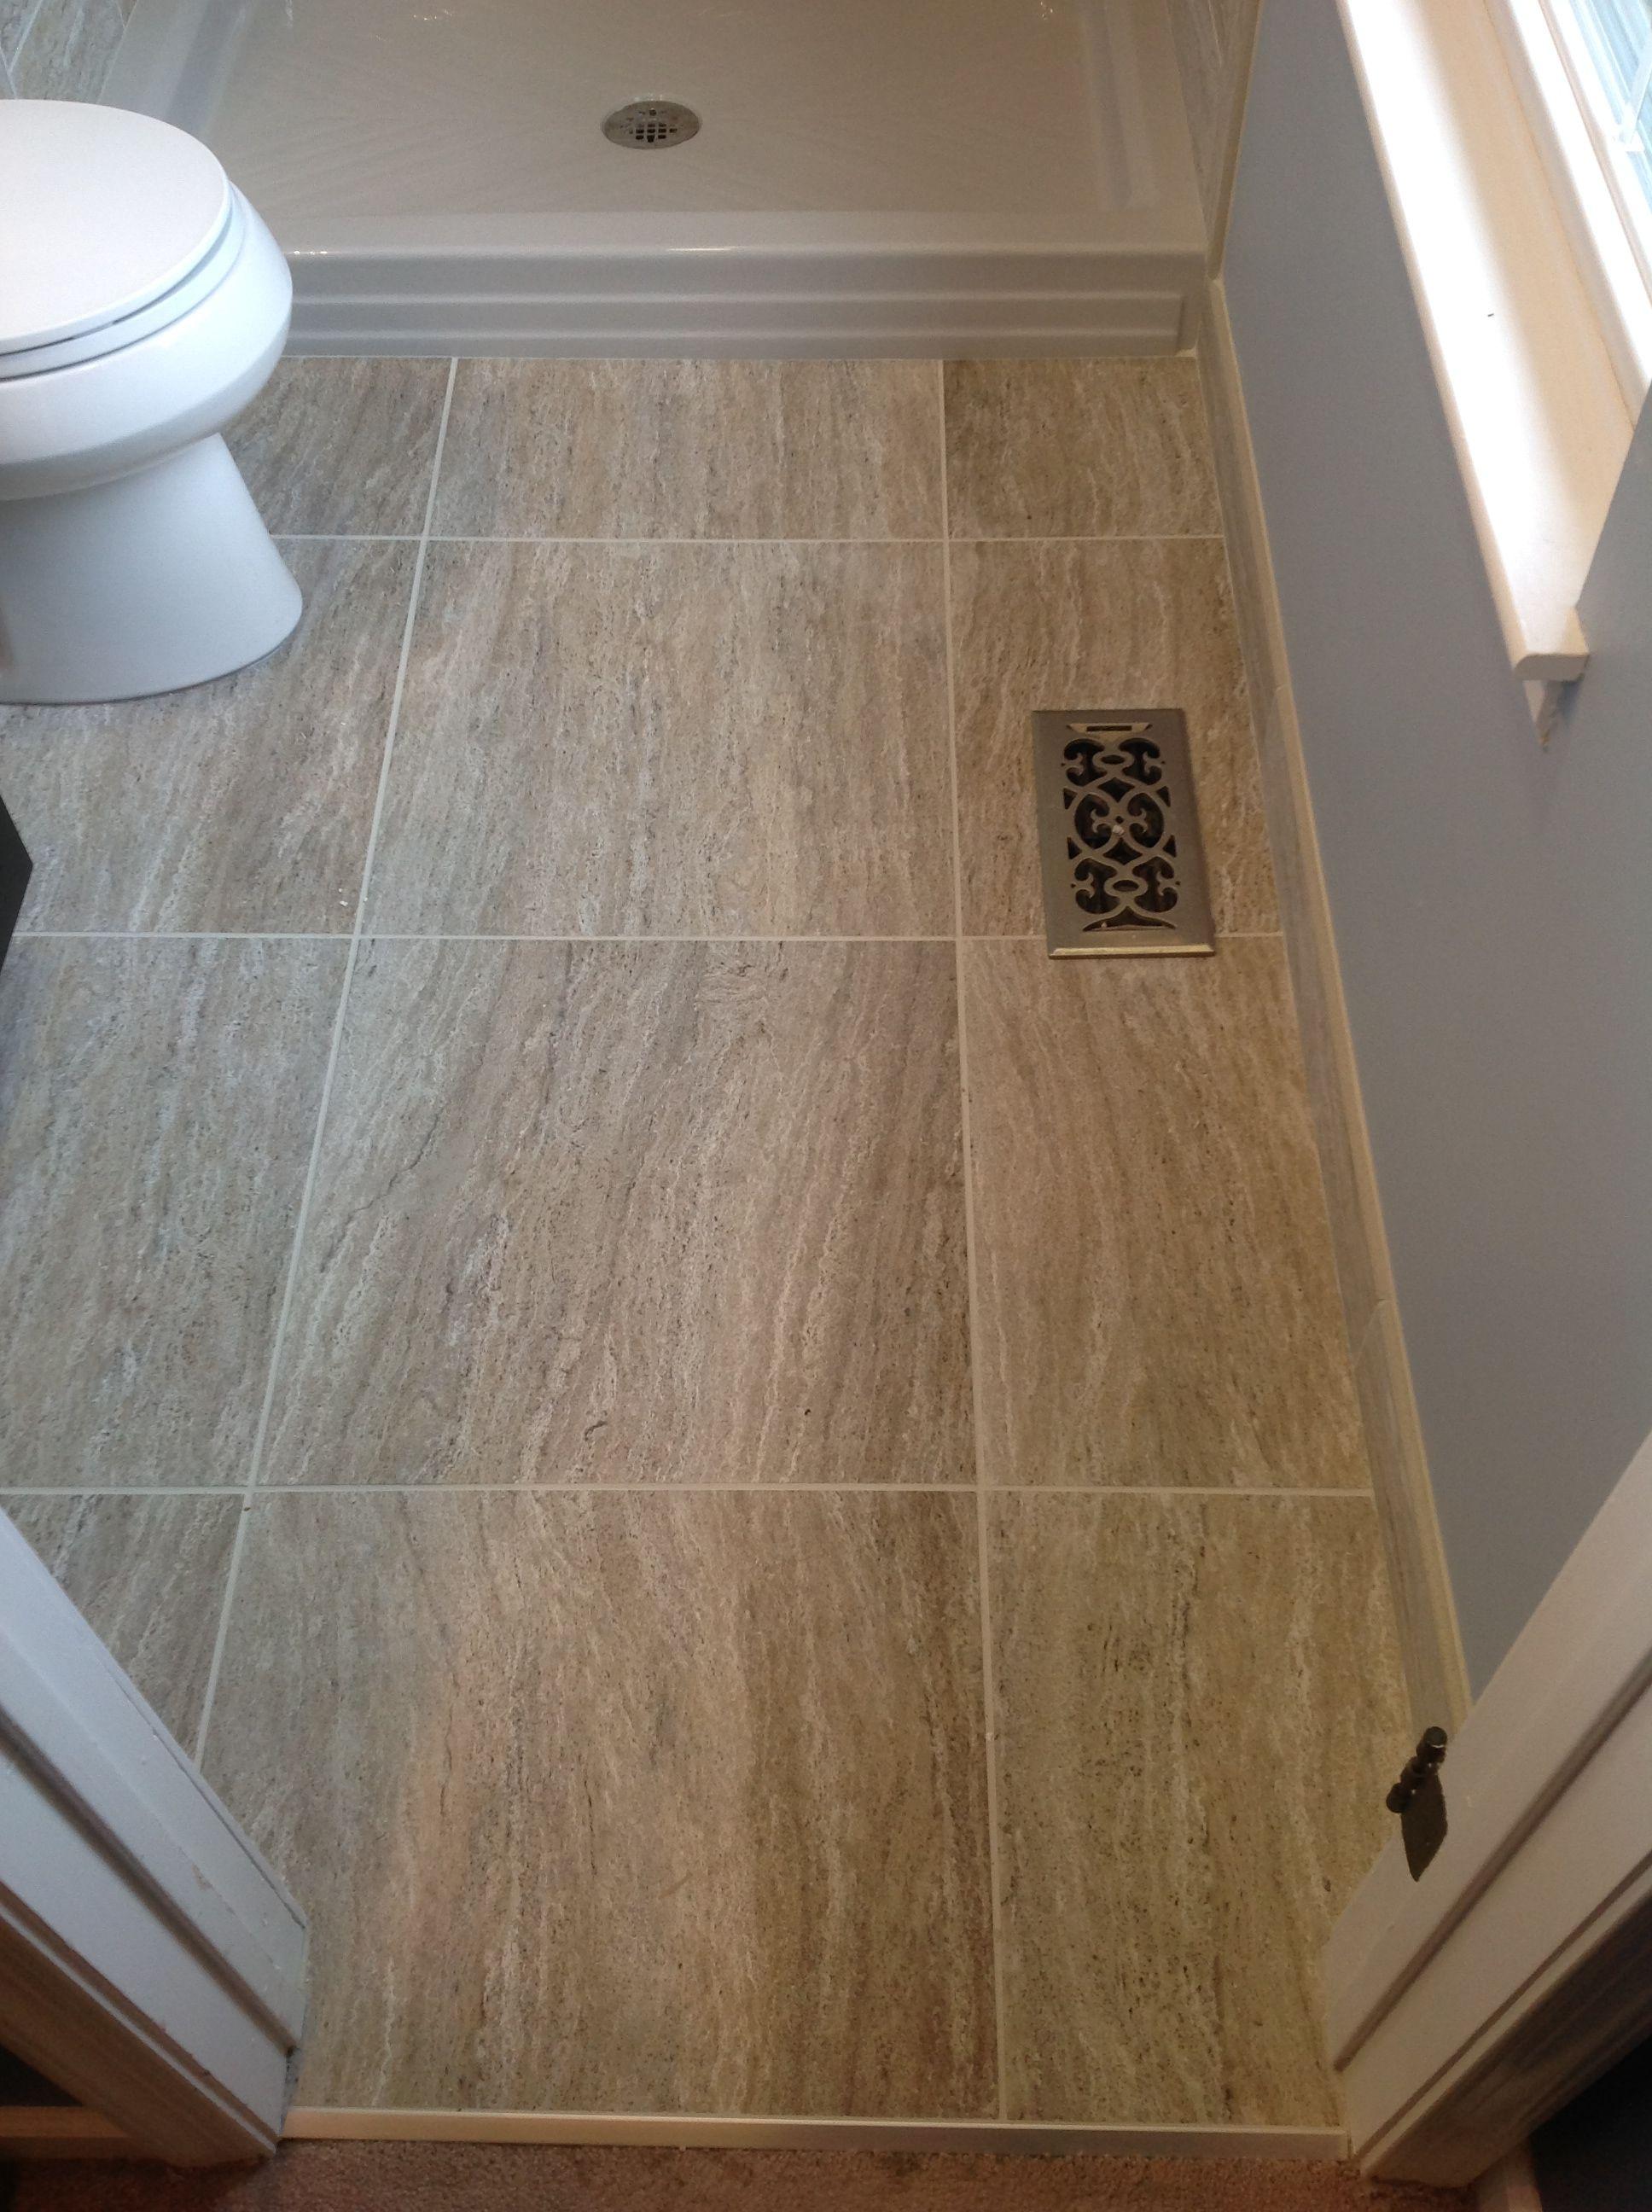 Marazzi Silk Elegant 20x20 Floor Tiles In A 5 X 6 Floor Space